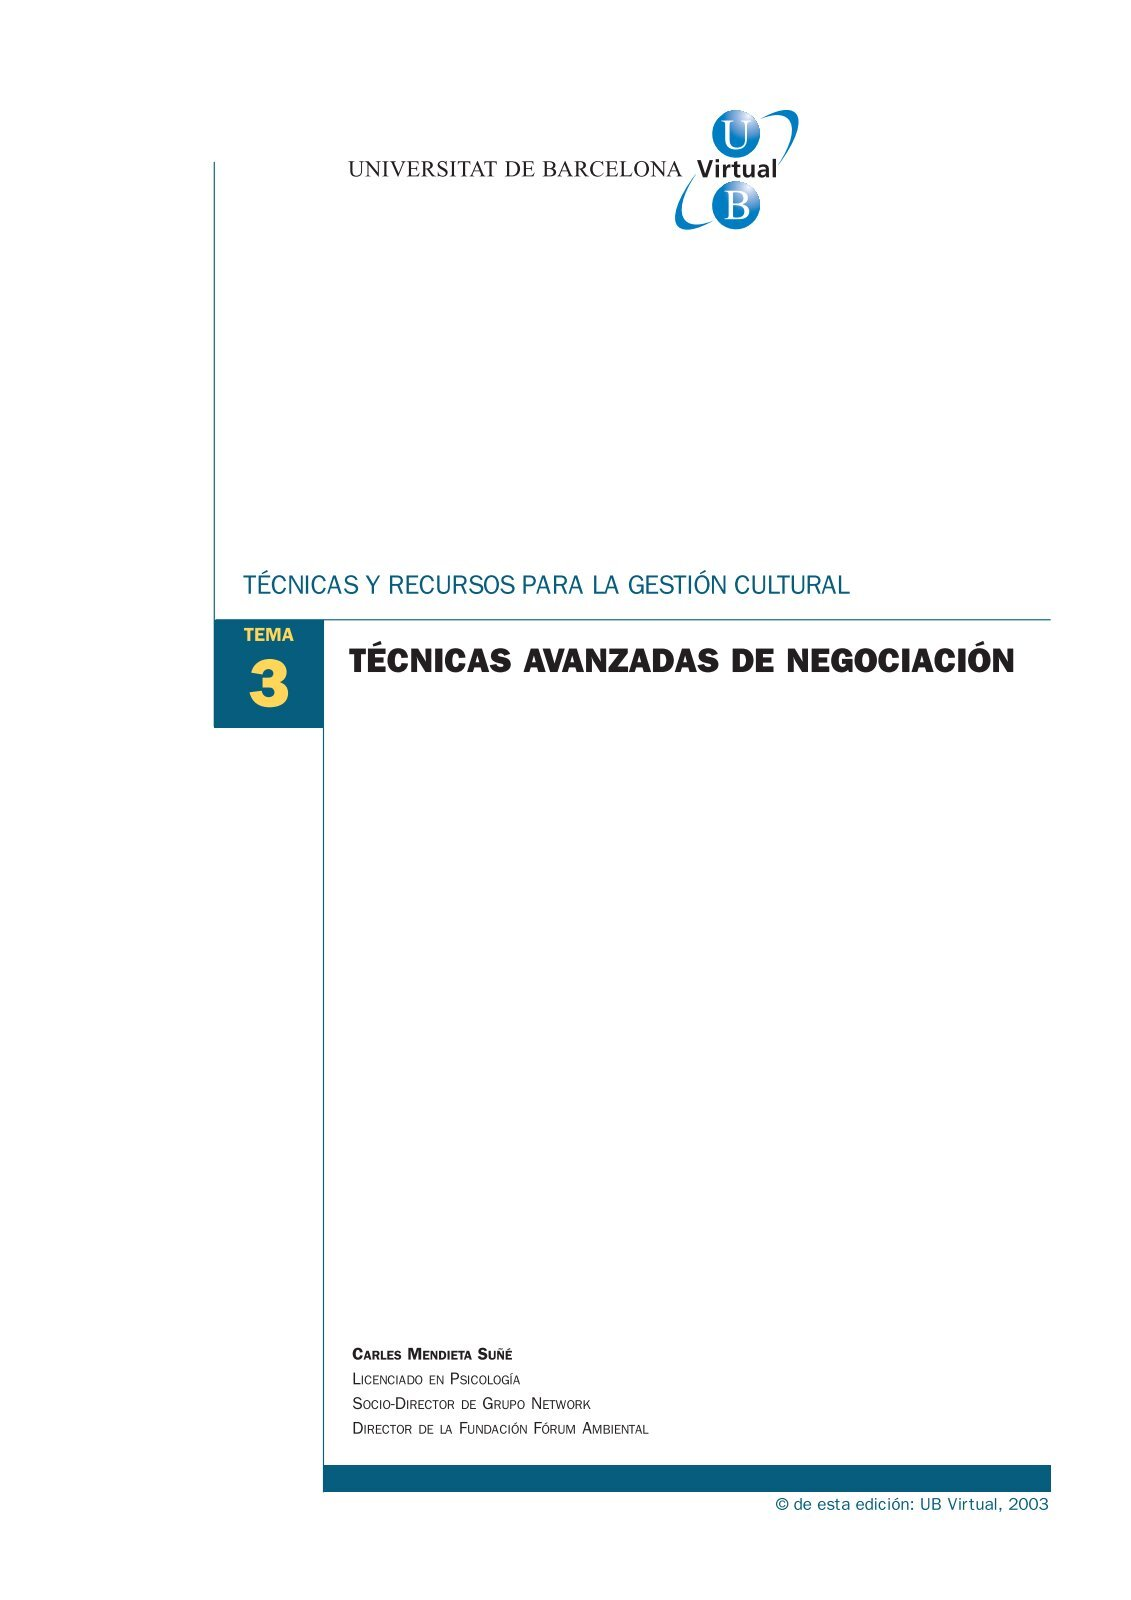 TÉCNICAS AVANZADAS DE NEGOCIACIÓN